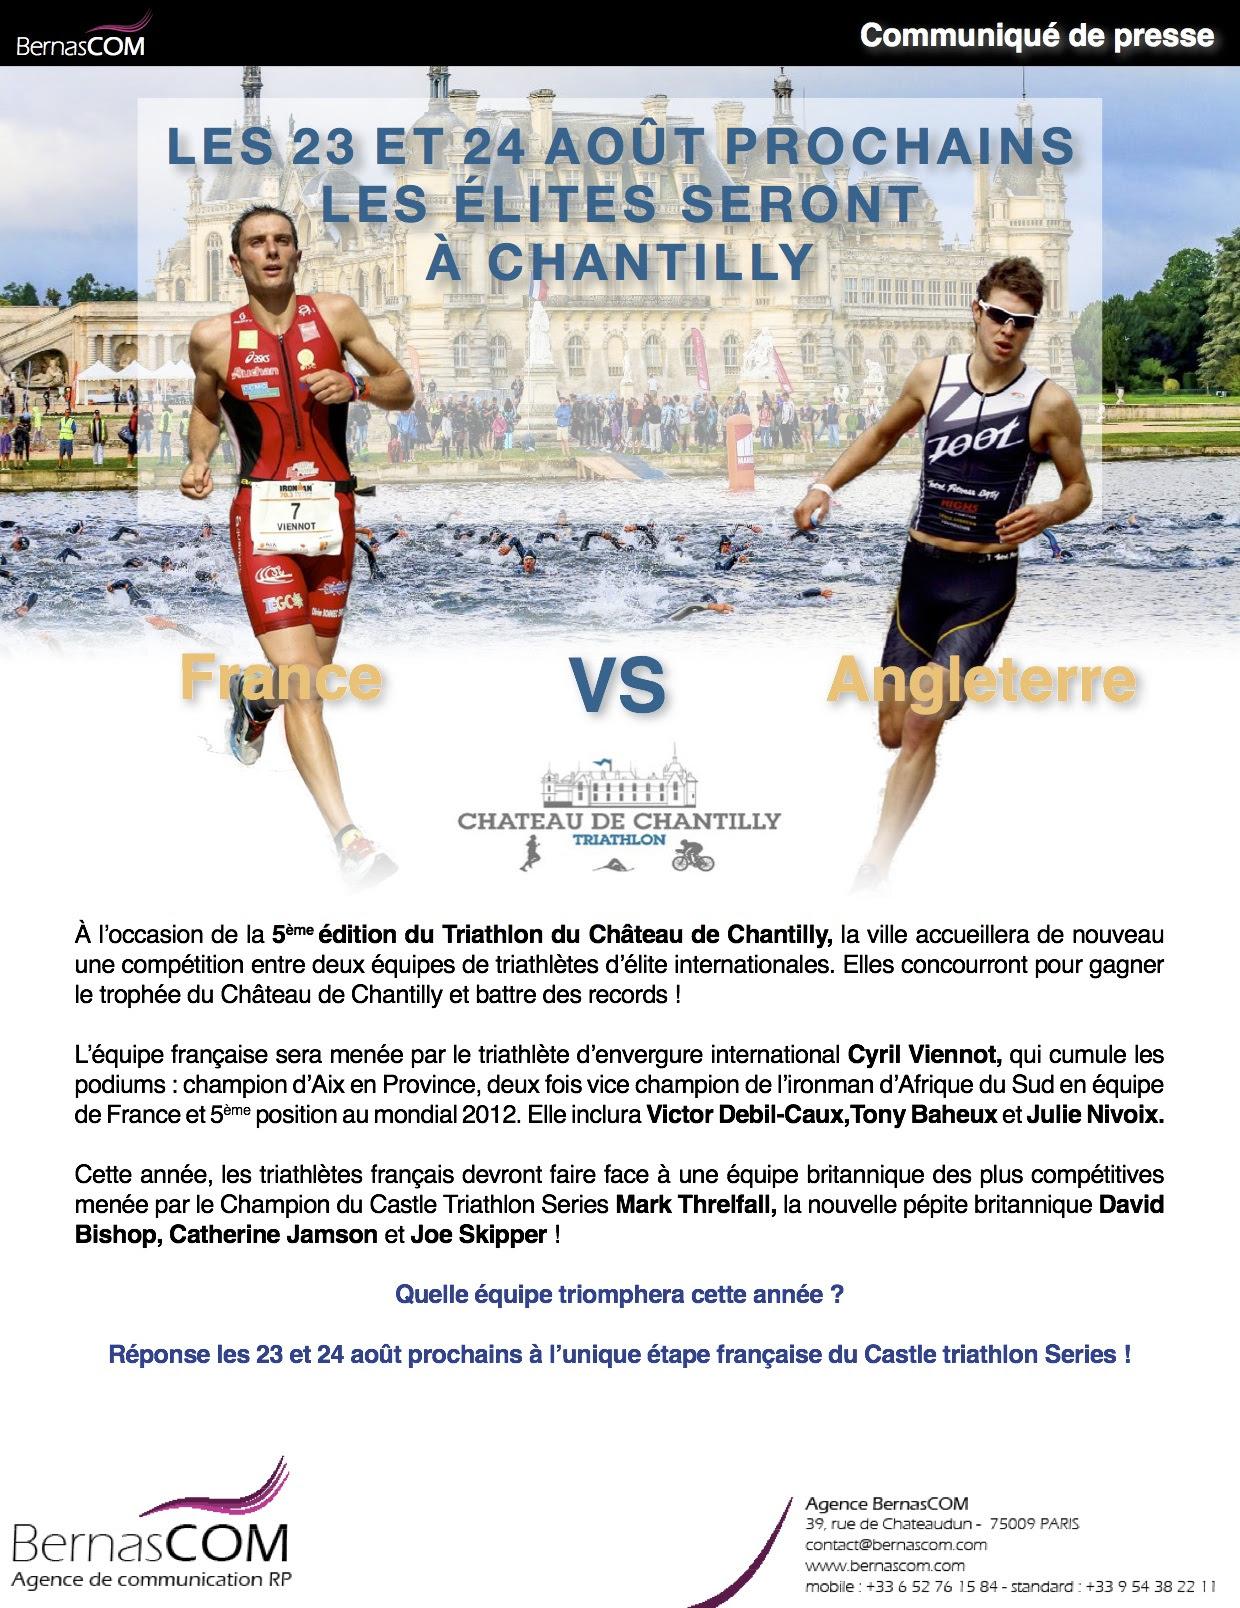 Ce weekend les elites seront aux Triathlon du Château de Chantilly!